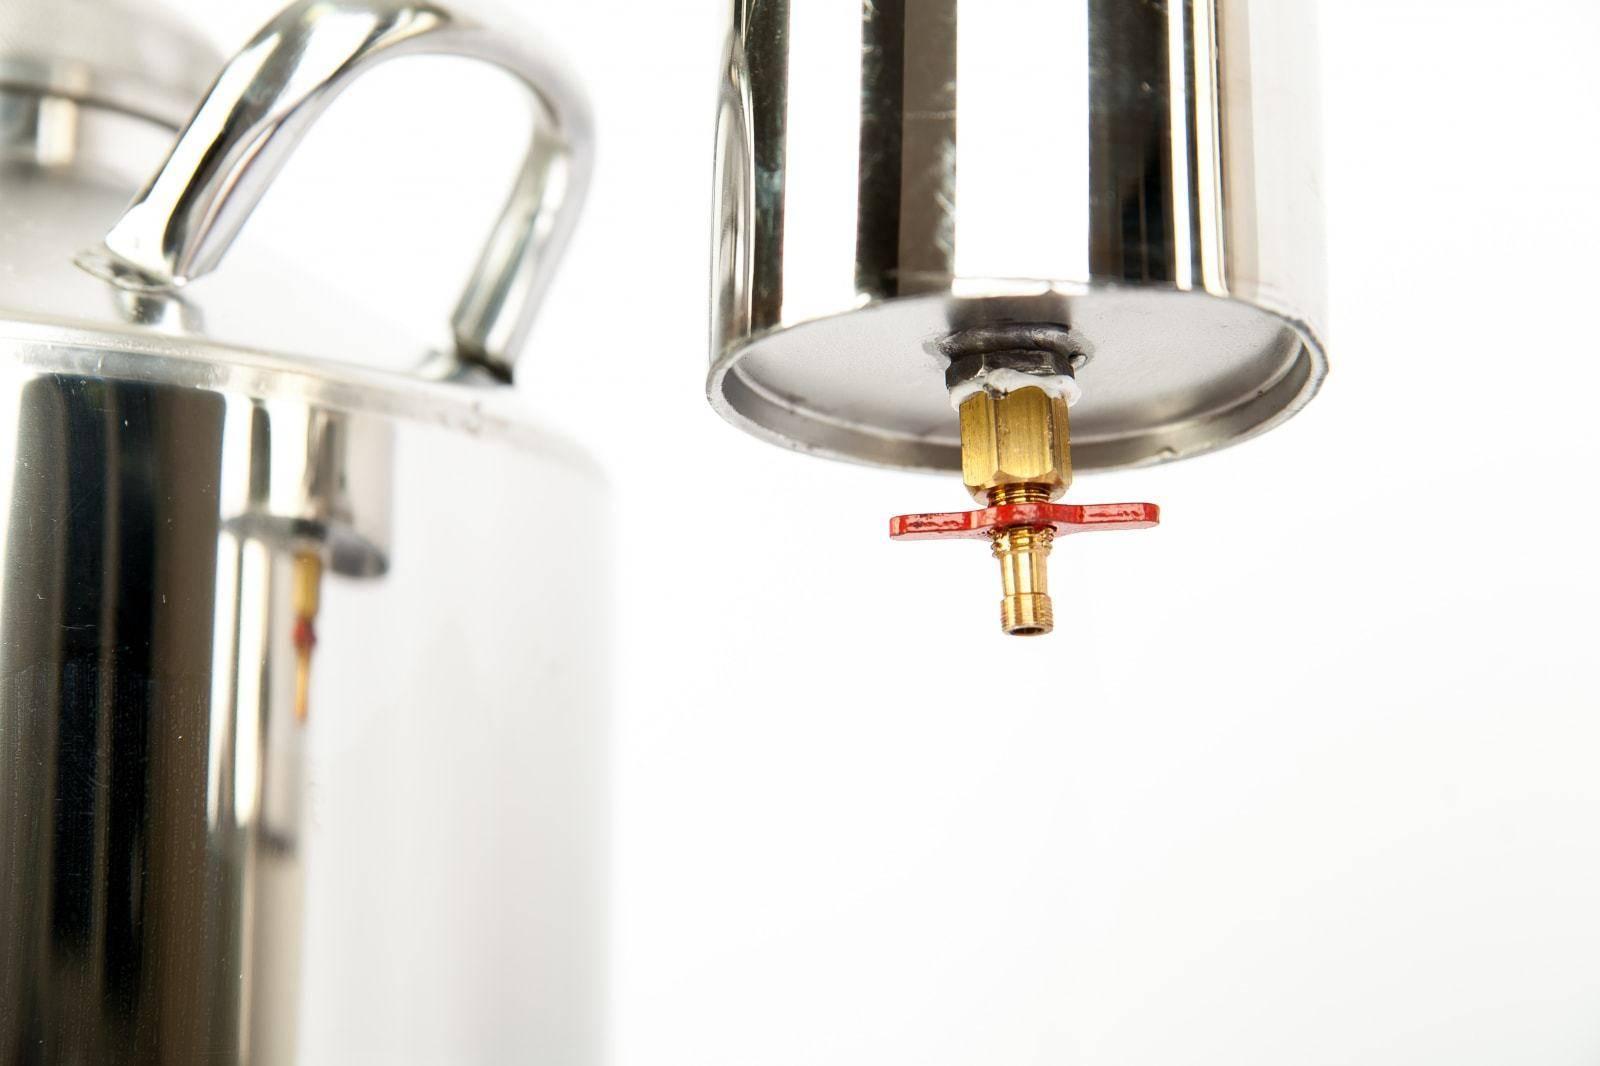 Переходник на кран для самогонного аппарата: функции, установка, выбор